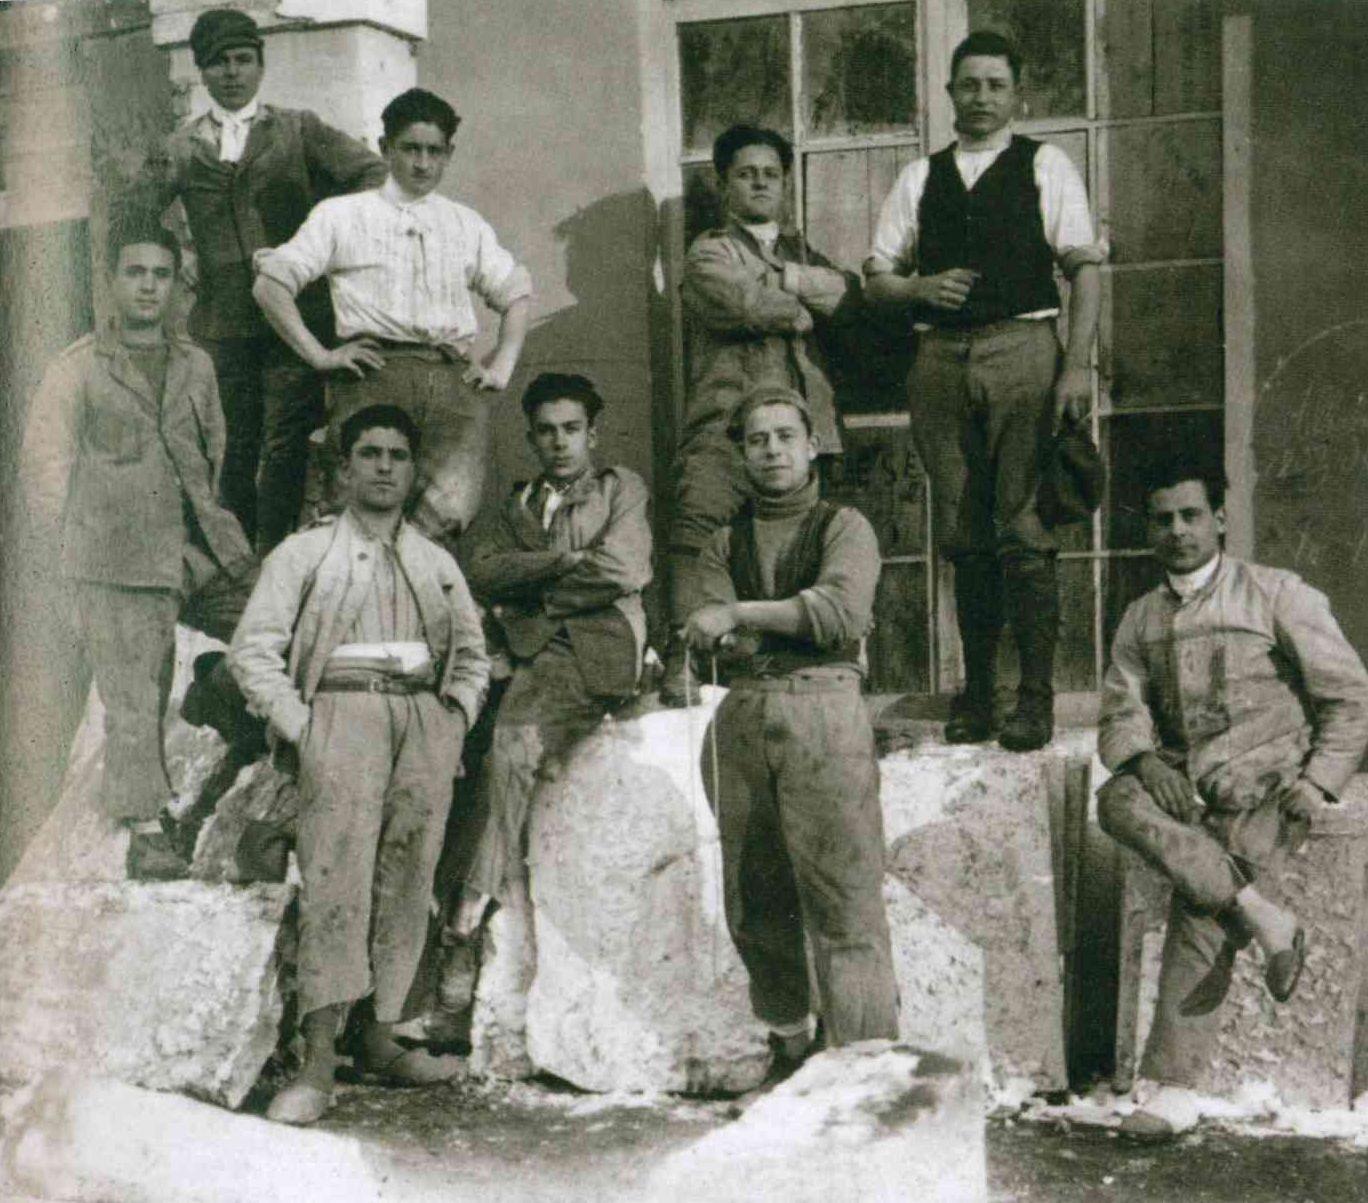 Pietrasanta con altri amici scultori